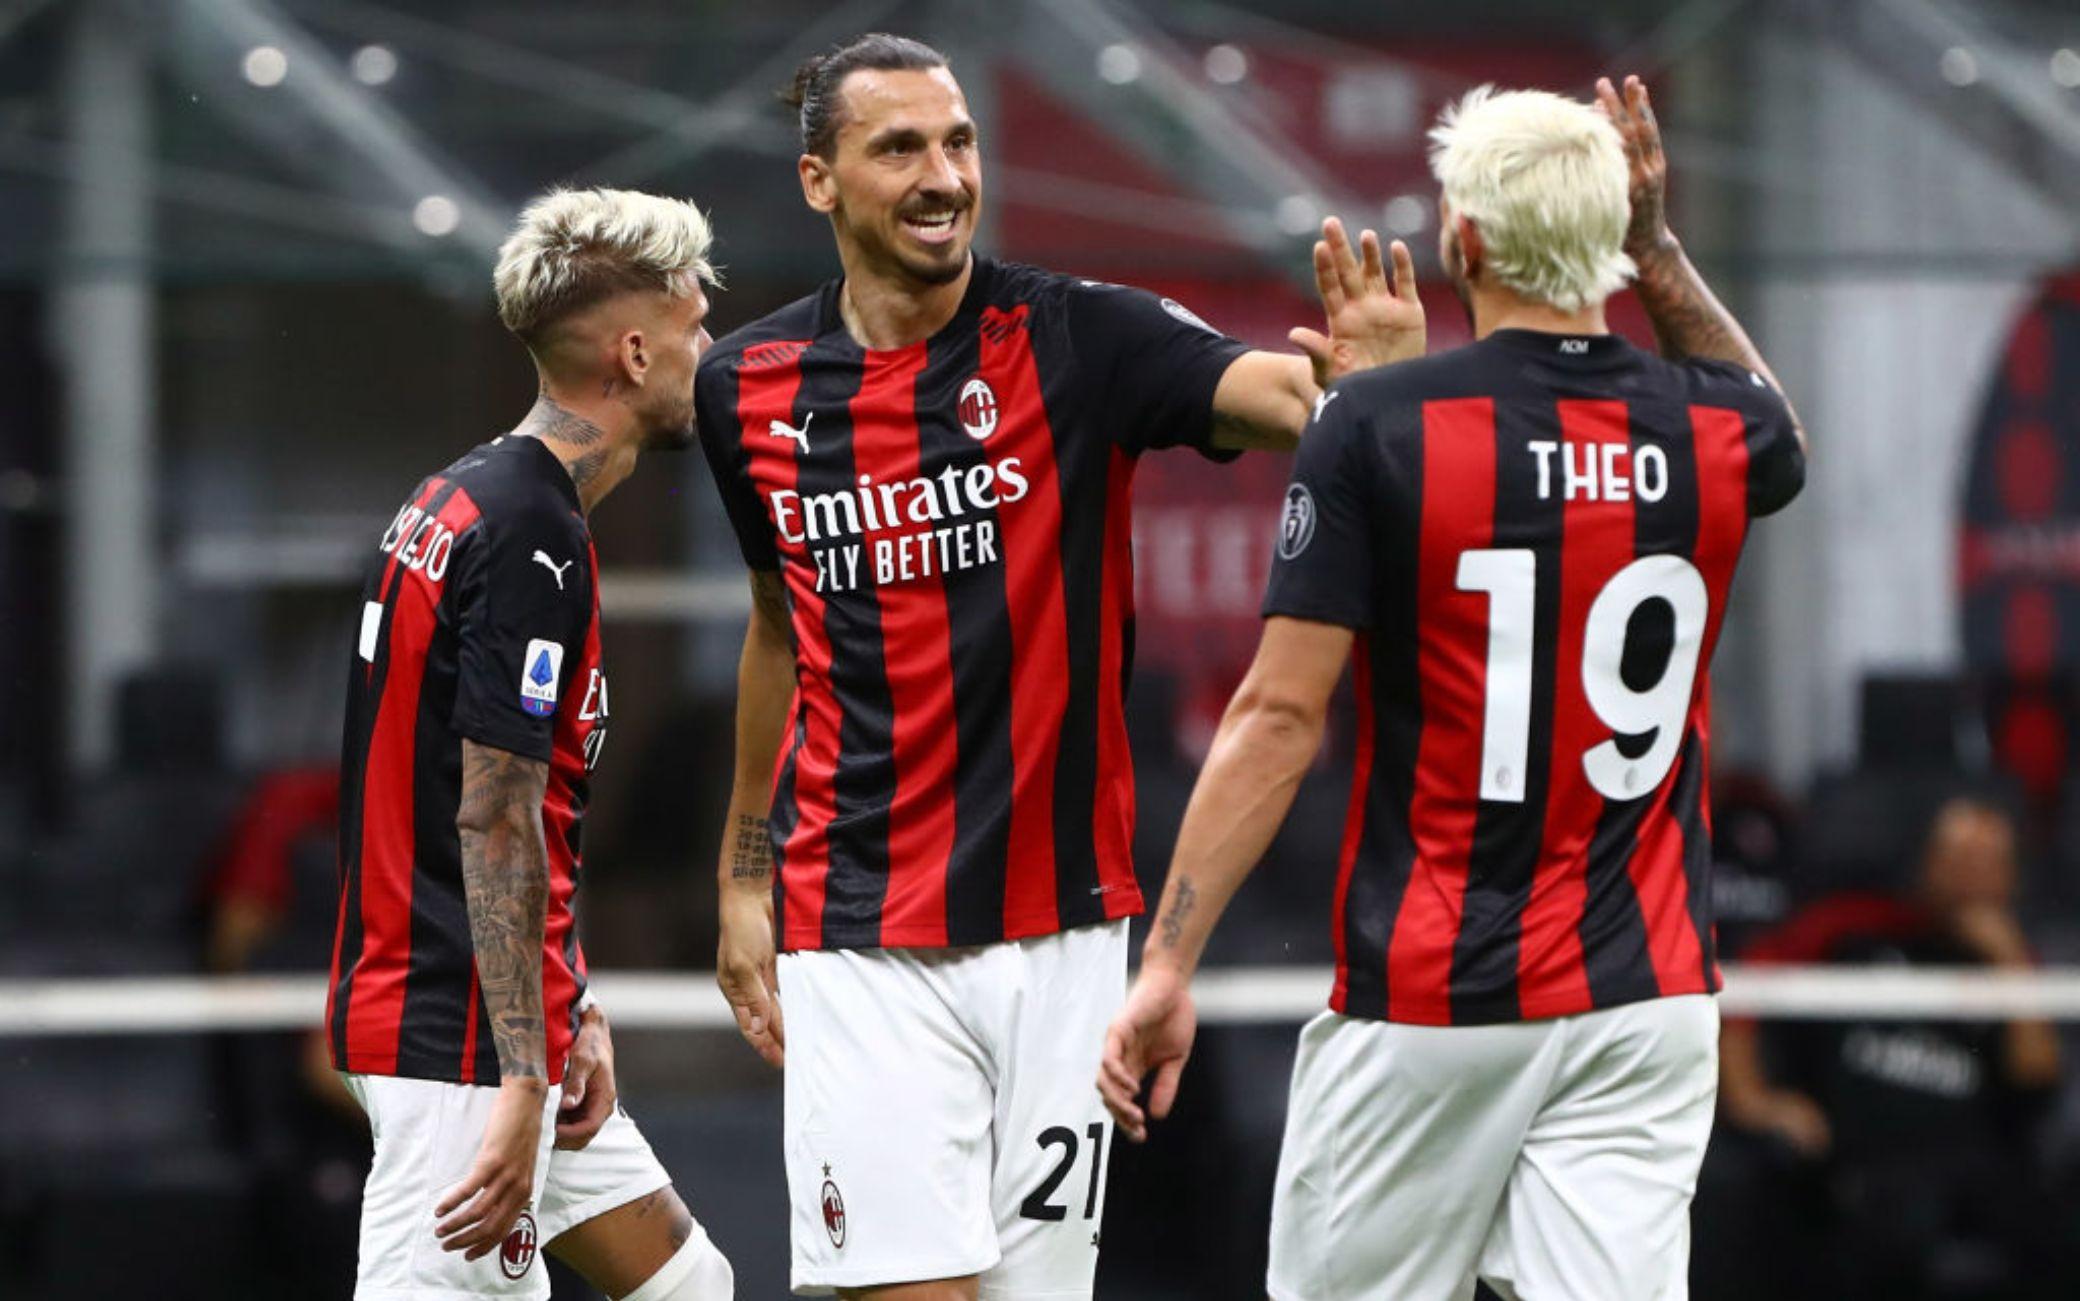 Serie A: 3-1 al Napoli, il Milan resta in vetta - Ultima Ora